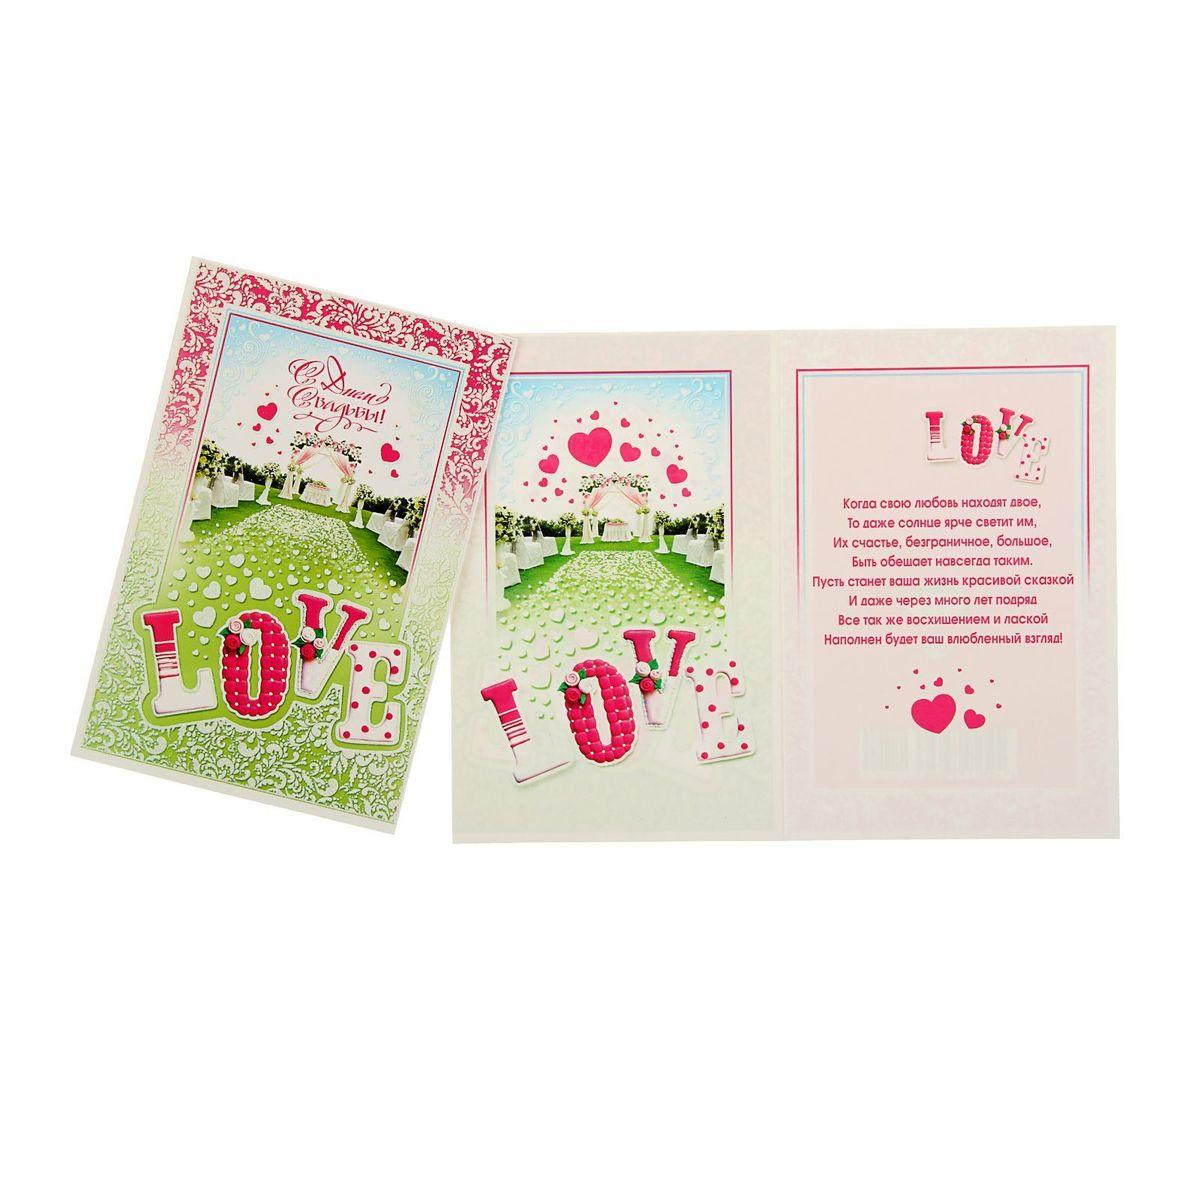 Открытка Мир открыток С Днем Свадьбы! LOVE1186047Если вы хотите порадовать себя или близких, создать праздничное настроение и с улыбкой провести памятный день, то вы, несомненно, сделали правильный выбор! Открытка Мир открыток С Днем Свадьбы! LOVE, выполненная из картона, отличается не только оригинальным дизайном, но и высоким качеством.Лицевая сторона изделия оформлена красивым изображением и изысканным белым узором. Внутри открытка содержит текст с поздравлением.Такая открытка непременно порадует получателя и станет отличным напоминанием о проведенном вместе времени.